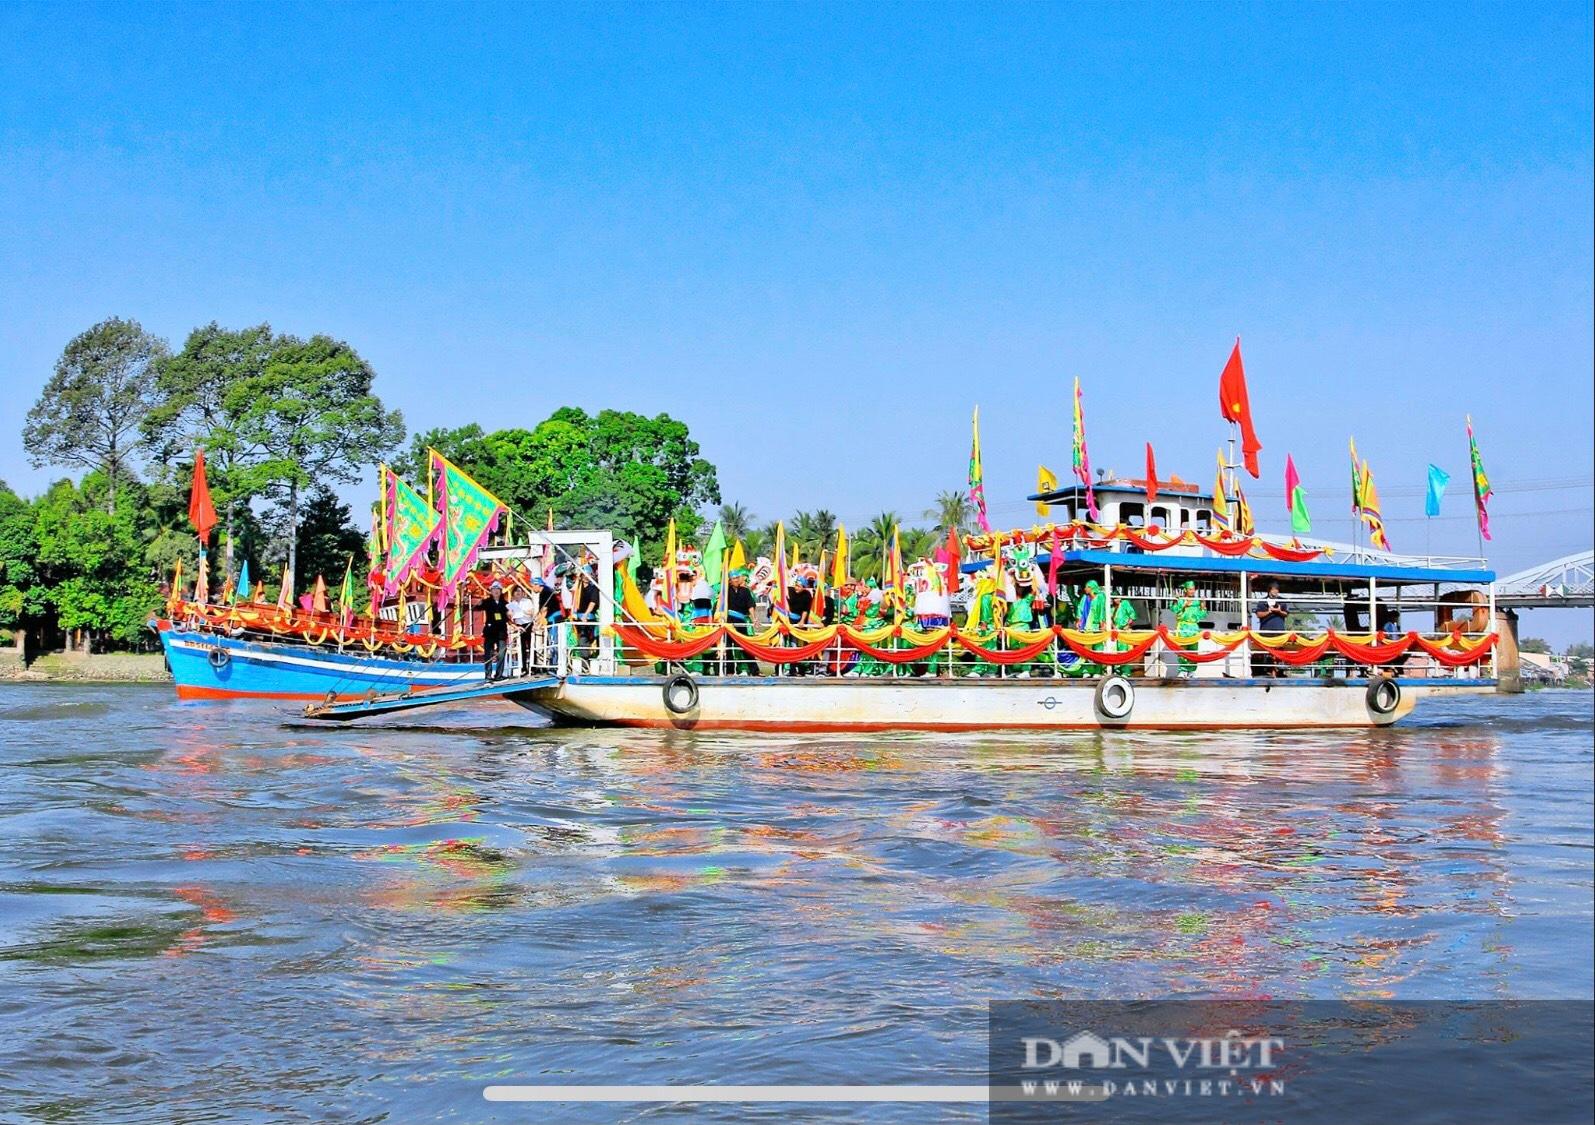 Thất phủ cổ miếu: Ngôi chùa Hoa đầu tiên ở Nam Bộ, nơi giao thoa giữa hai nền văn hoá Việt – Hoa - Ảnh 6.